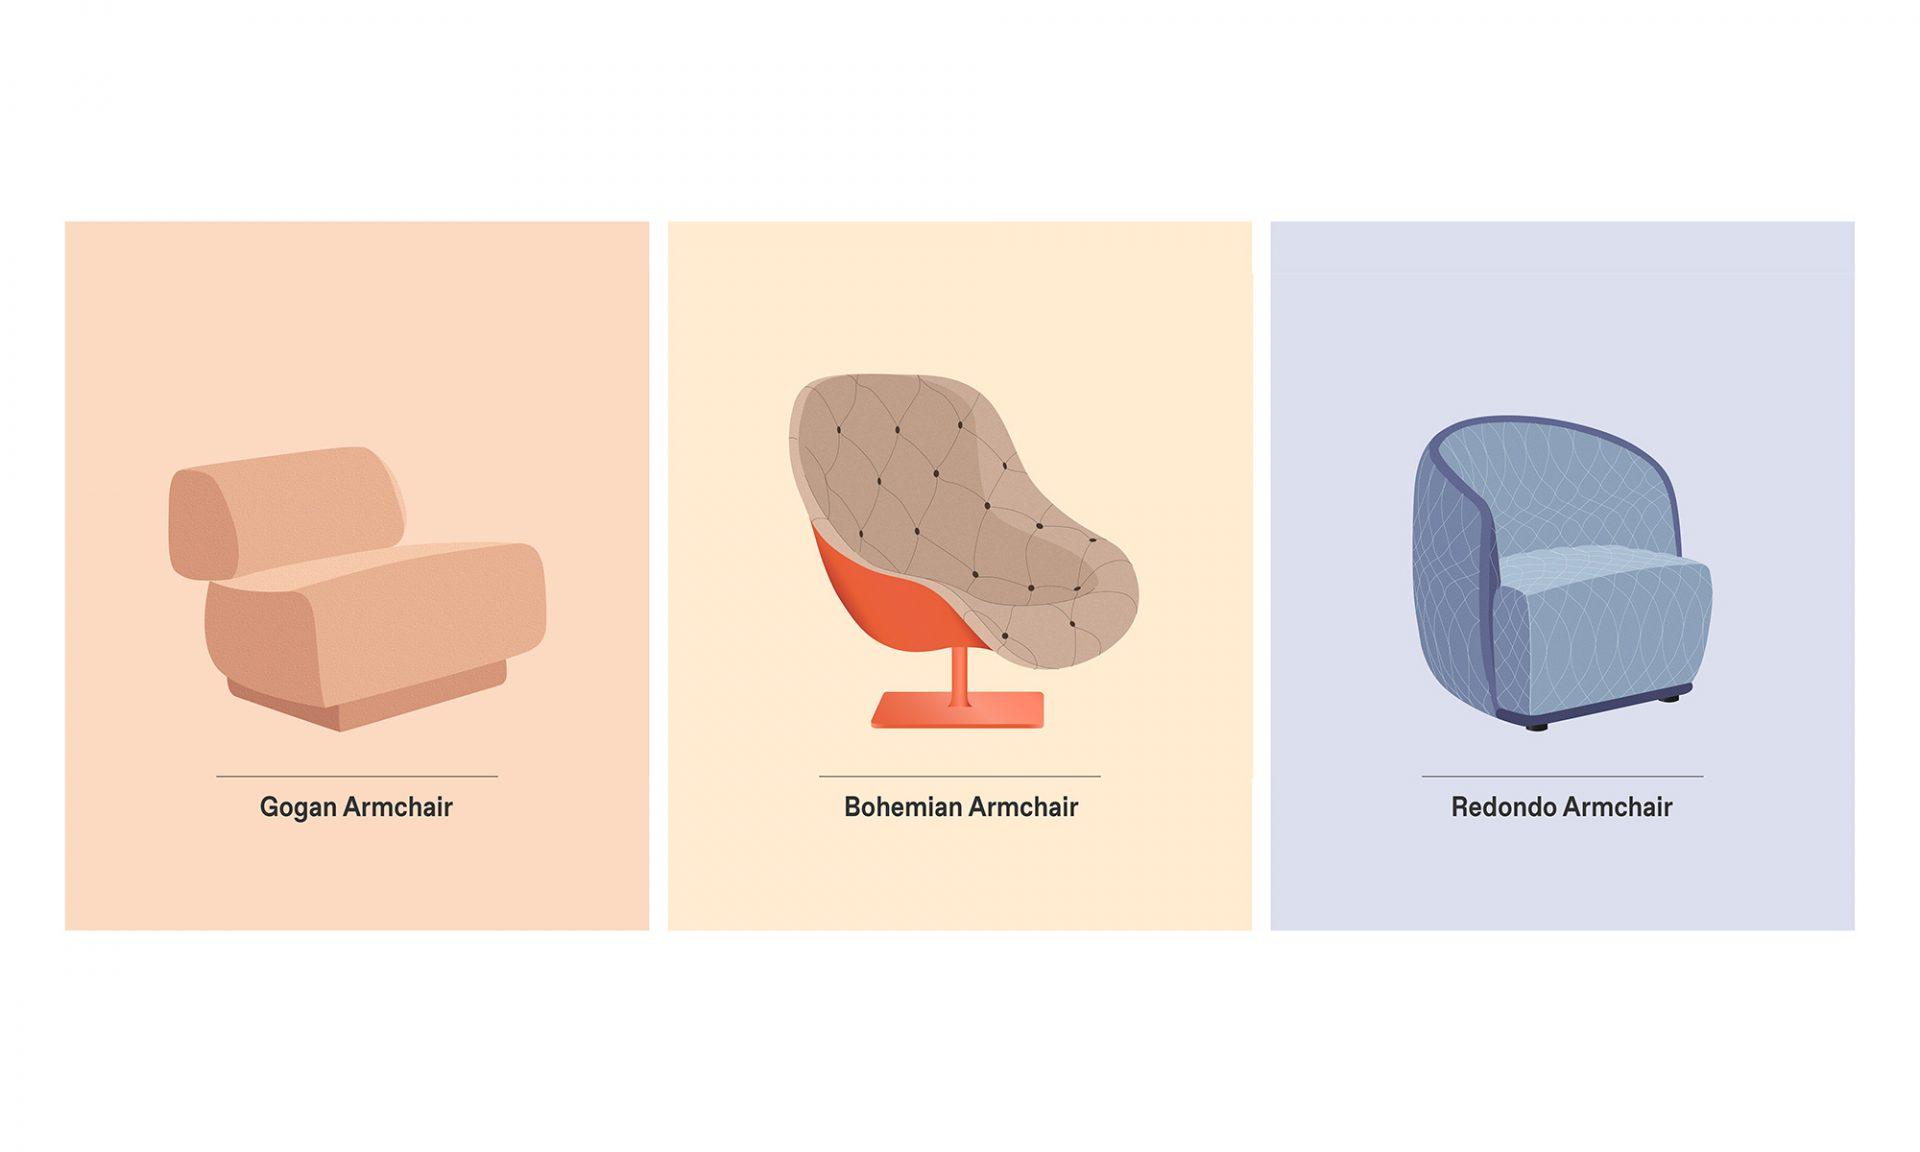 Gogan, Bohemian and Redondo Moroso armchair design